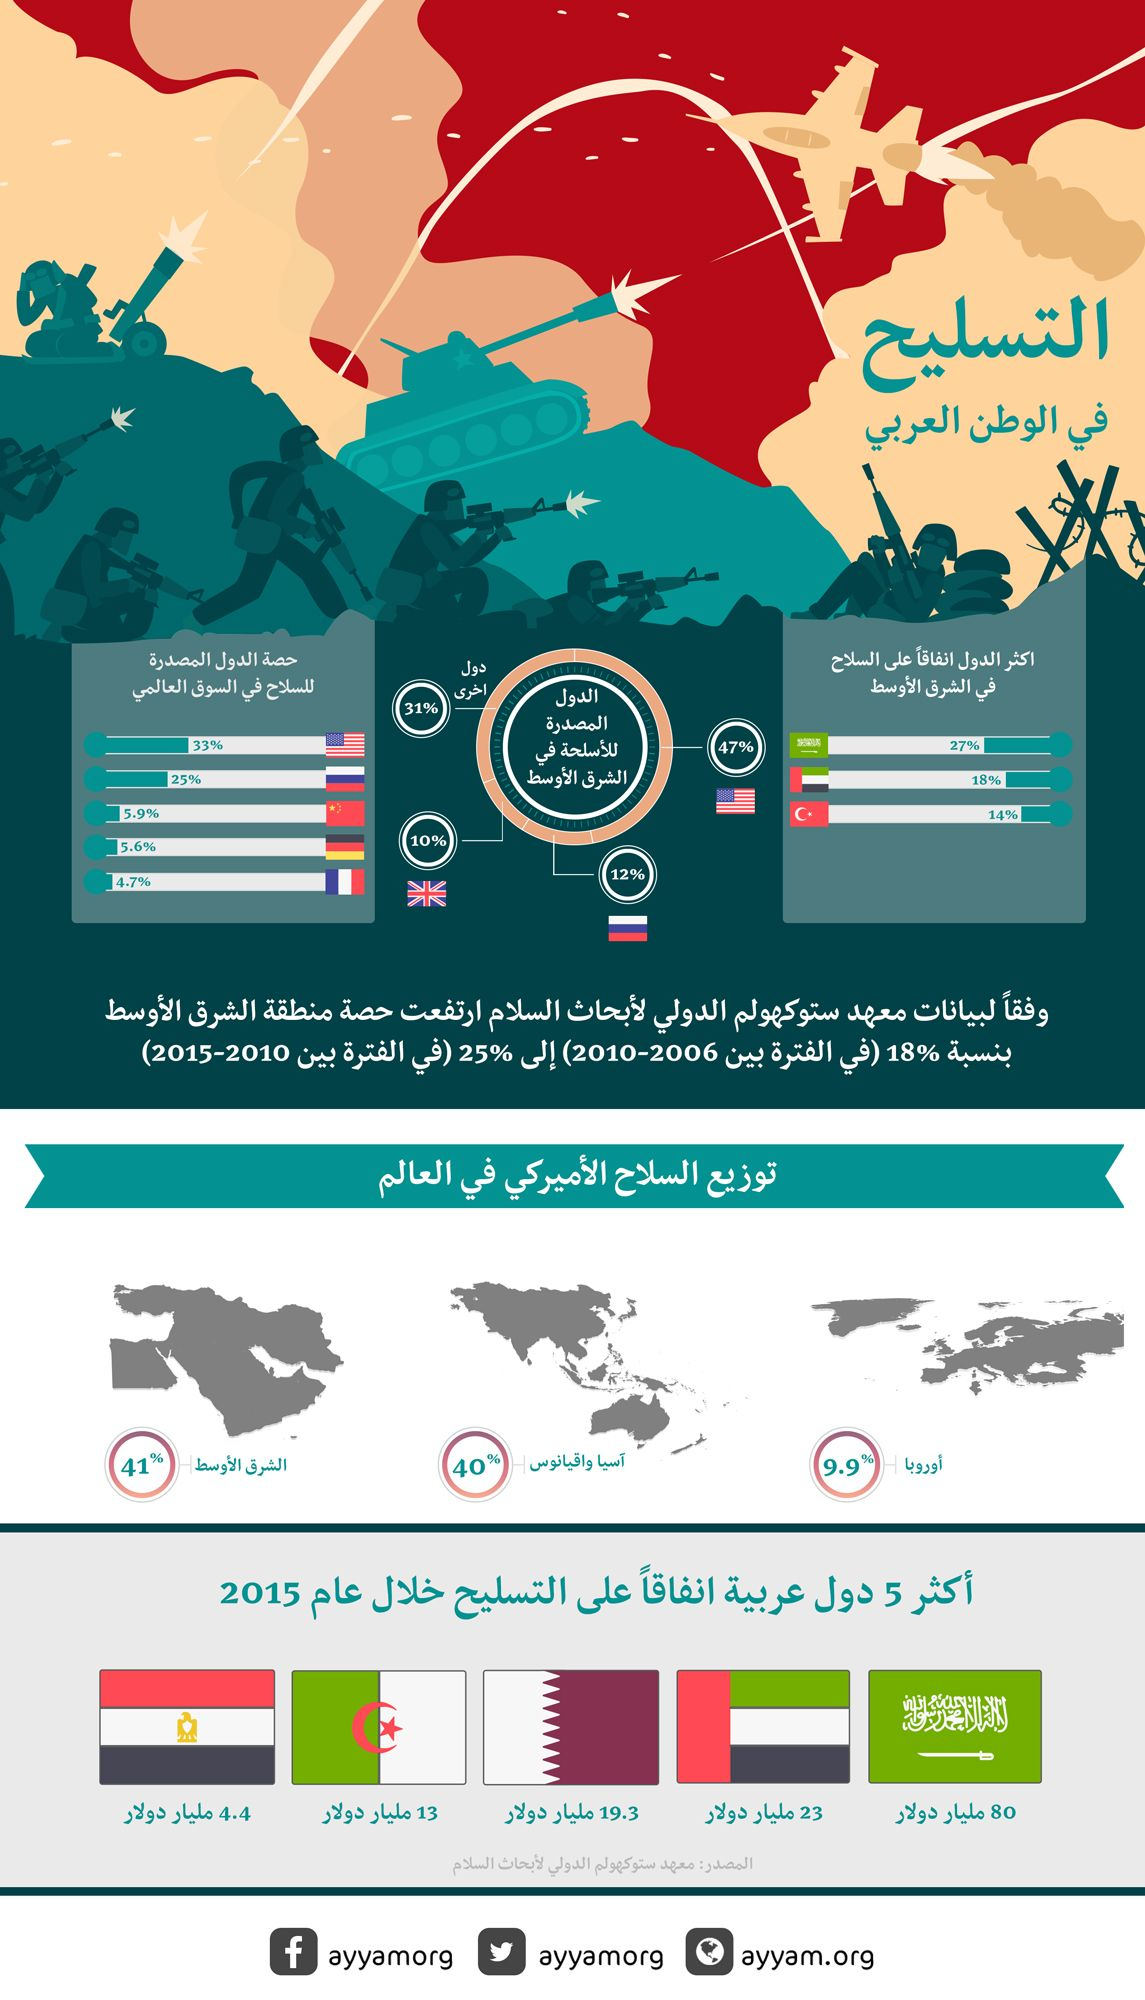 التسلح في الوطن العربي تعرف على أكثر دول الشرق الأوسط إنفاقا على الأسلحة وعلى حصص الدول المصدرة للسلاح Syria Middleeast Infographic Poster Movie Posters